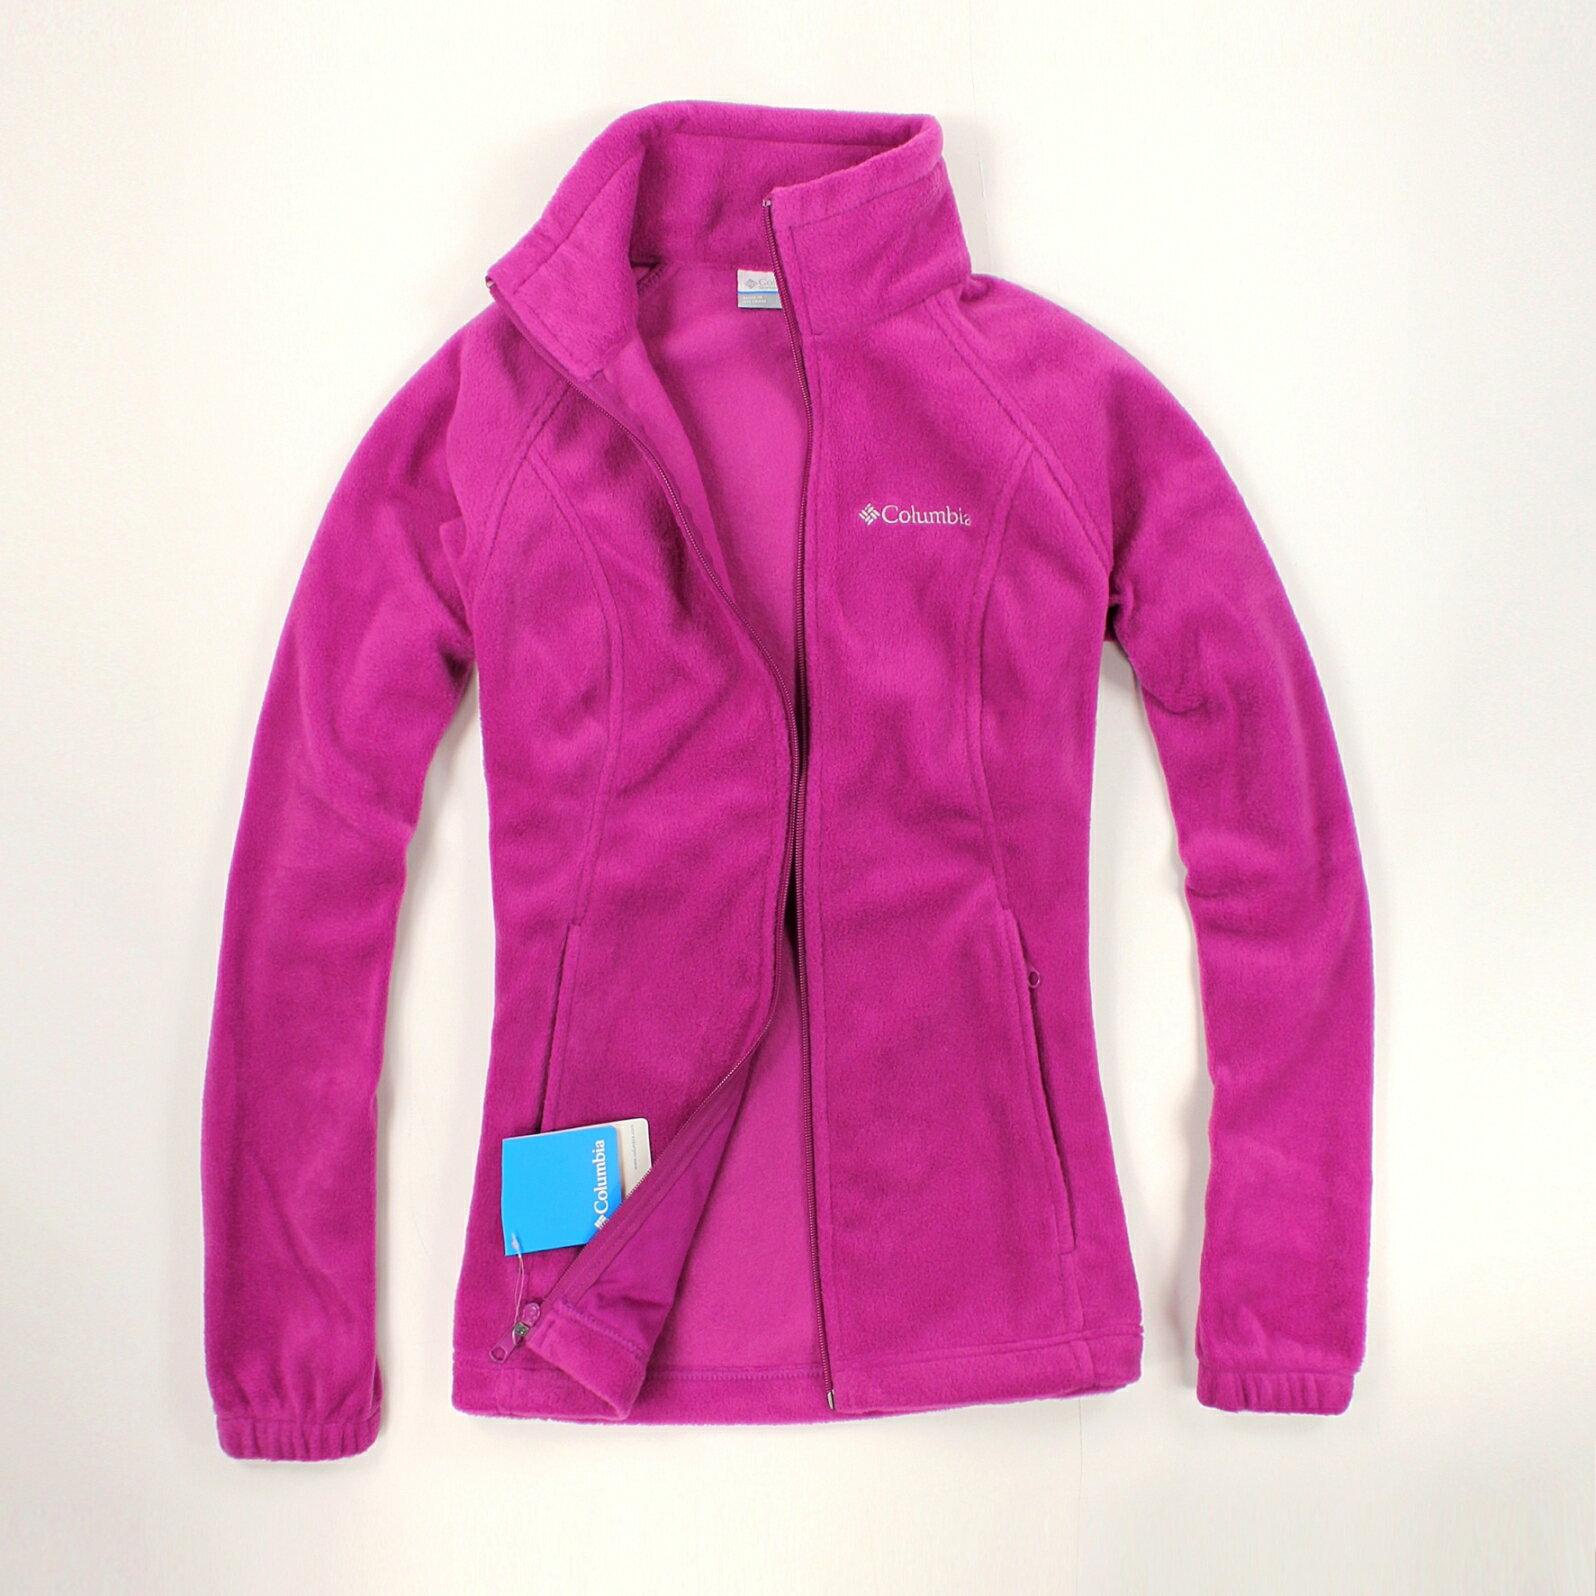 美國百分百【全新真品】Columbia 外套 刷毛外套 輕巧 fleece 保暖 哥倫比亞 紫色 女 S M號 B534